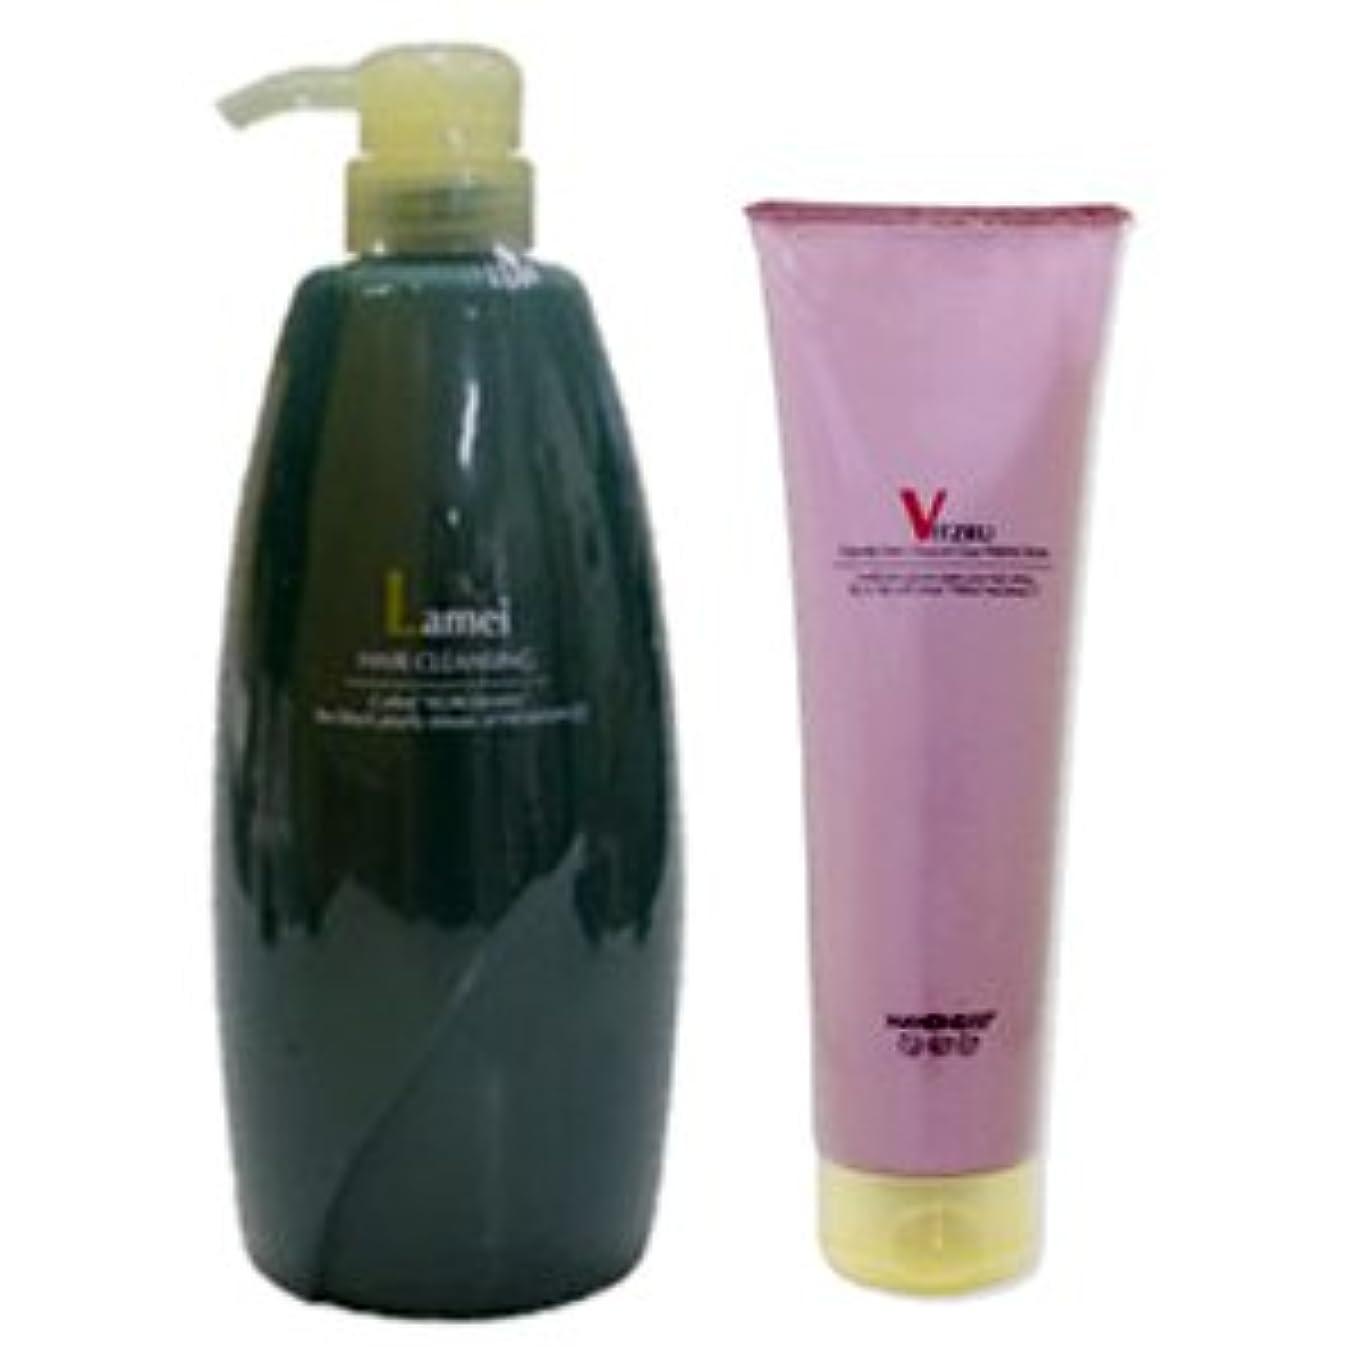 人気の磨かれたプラスチックハホニコ ラメイヘアクレンジング 1000mL & ビッツル 280g セット [Shampoo-land限定]